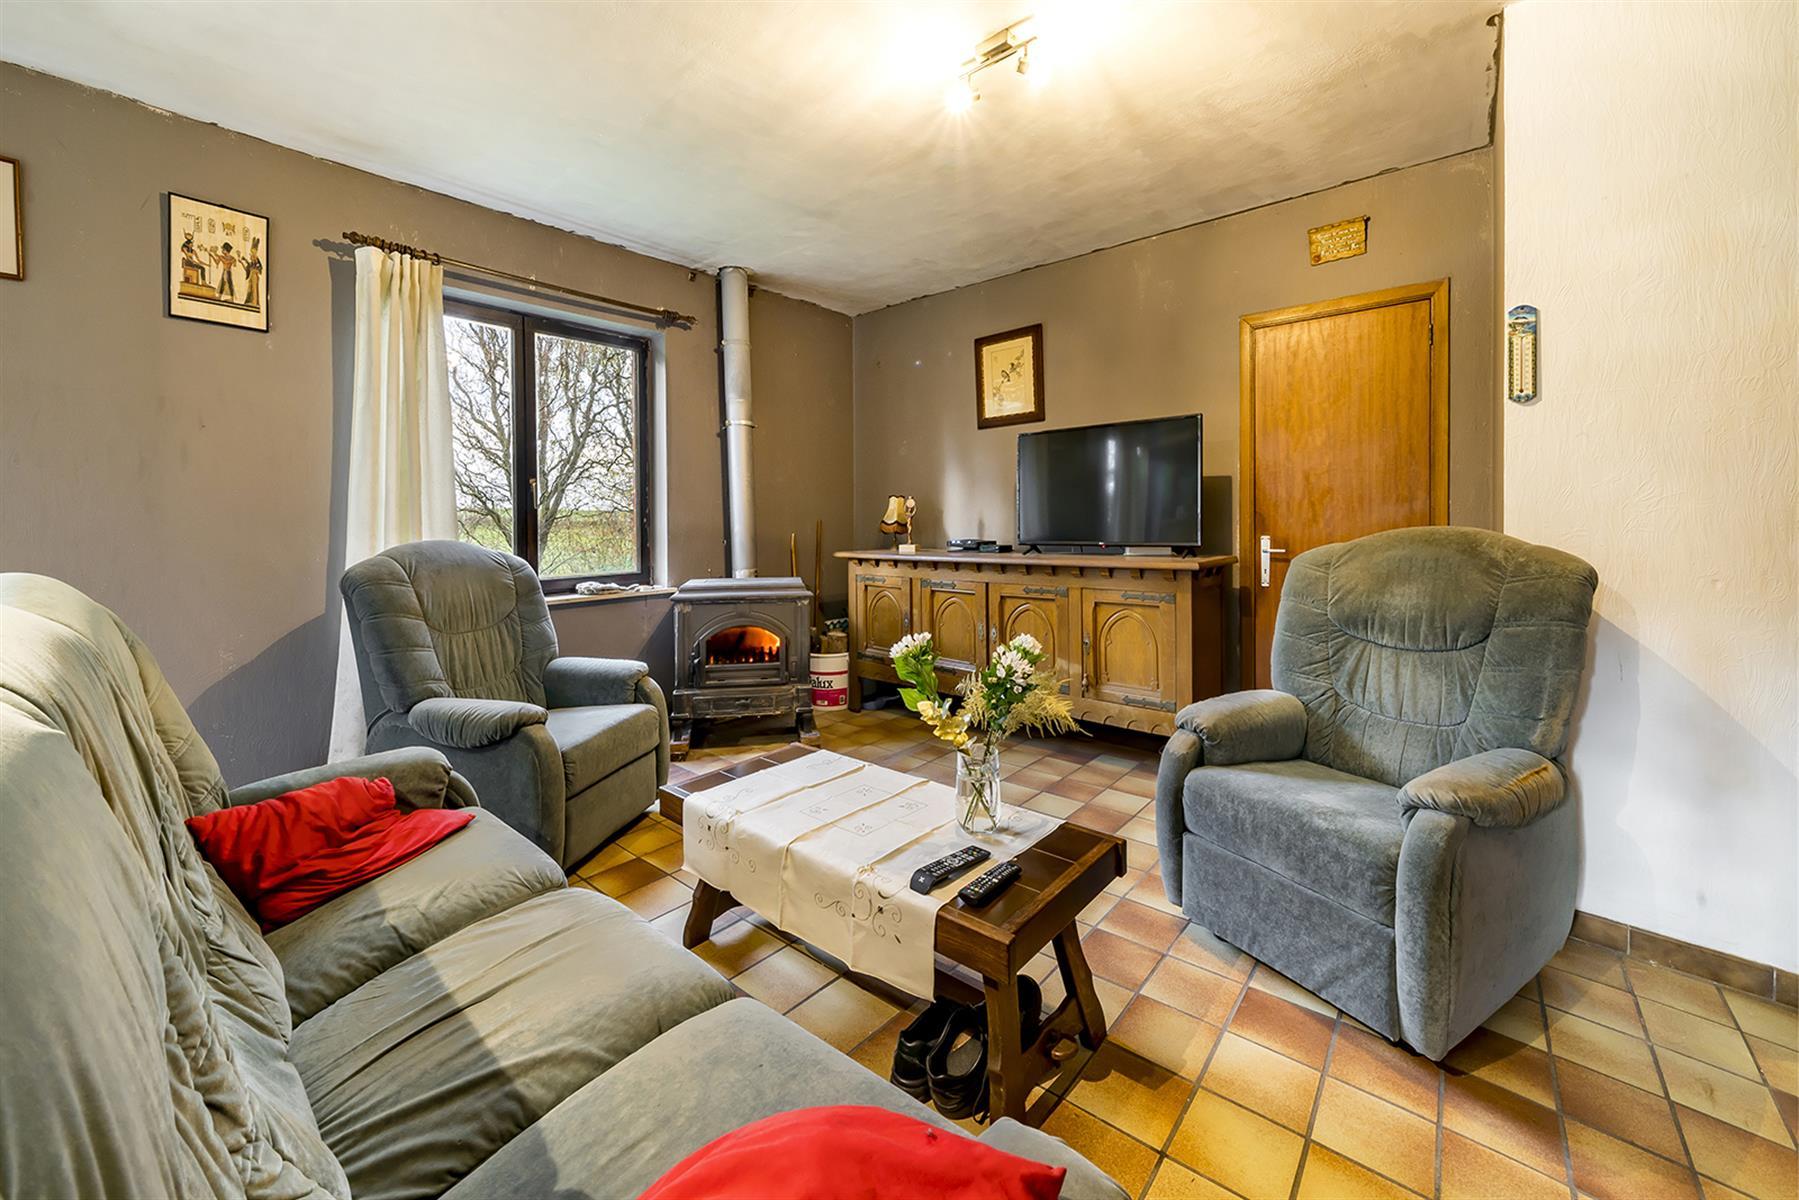 Maison unifamiliale - Orp-Jauche - #3623125-5